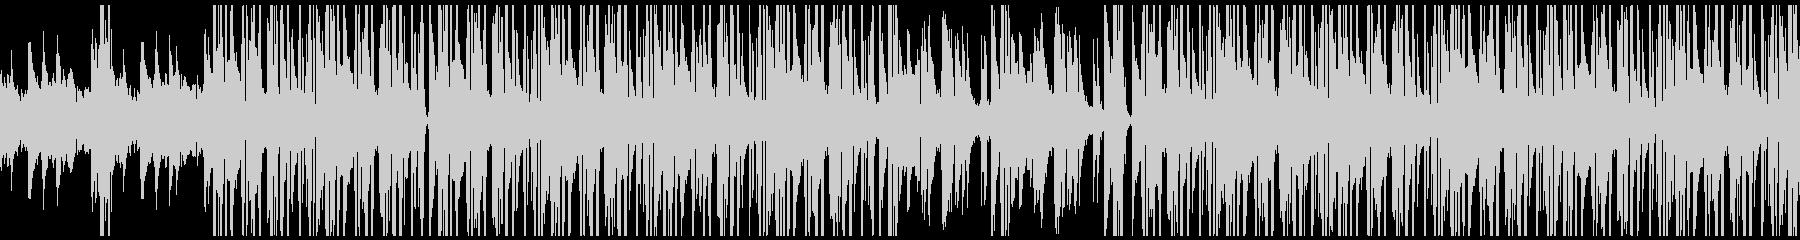 サックスとピアノのクールなヒップホップの未再生の波形